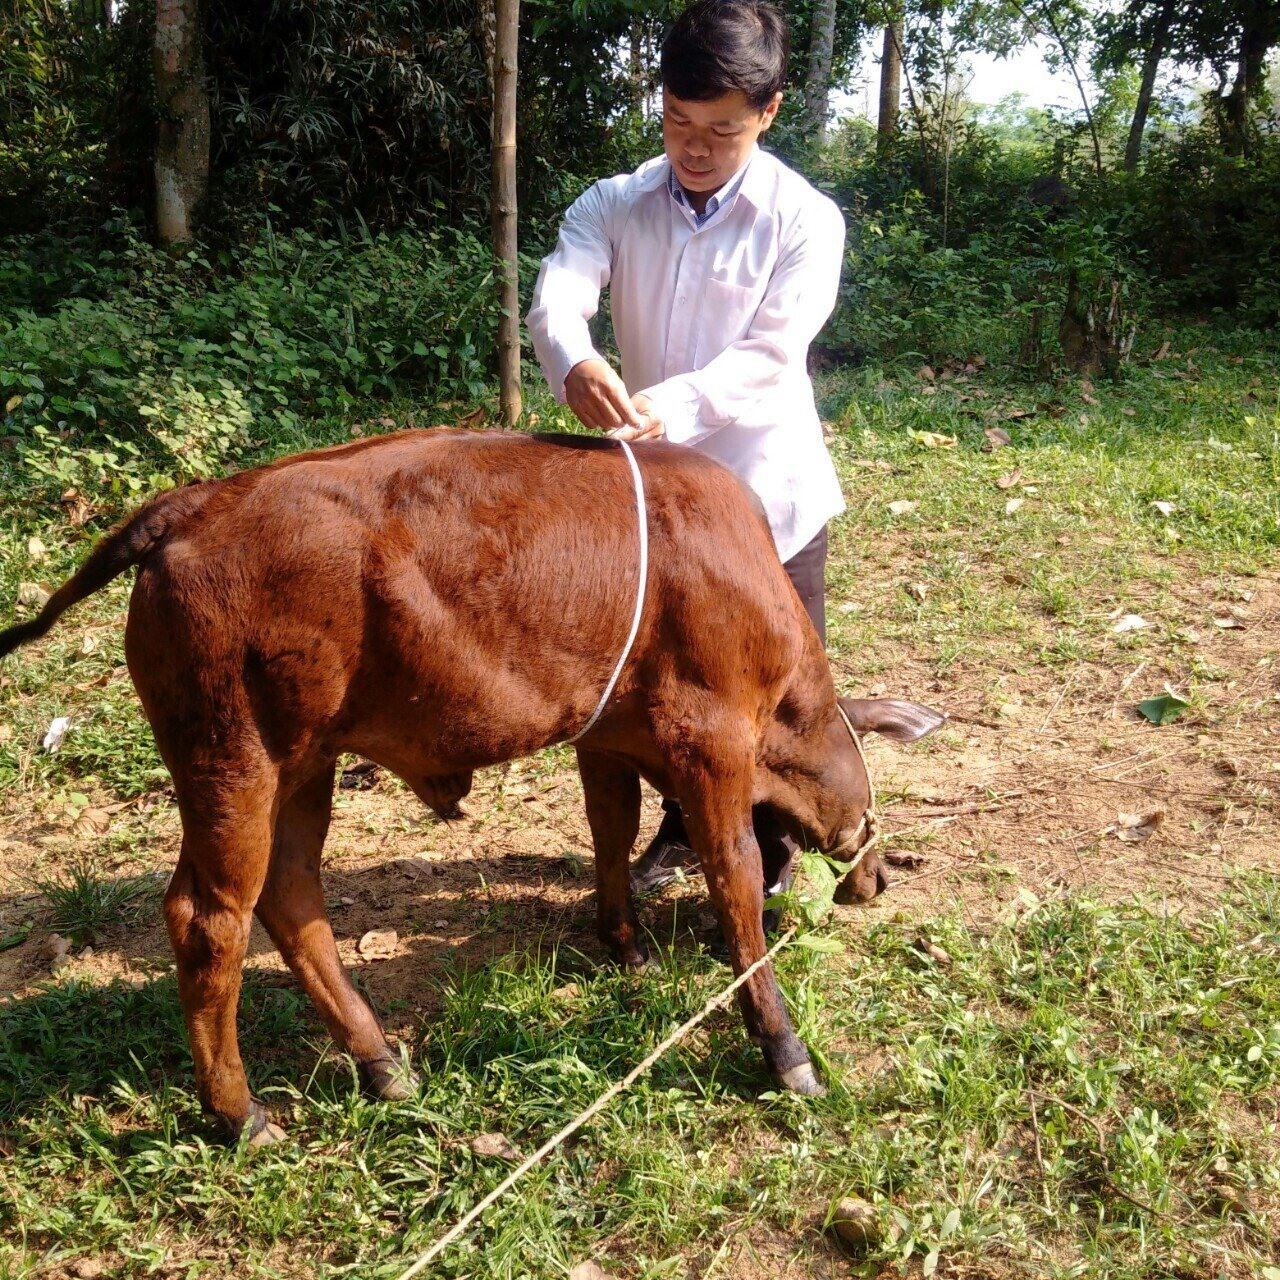 Thử nghiệm sinh sản thành công bò lai F2_BBB tại Hiệp Đức. Ảnh: T.N